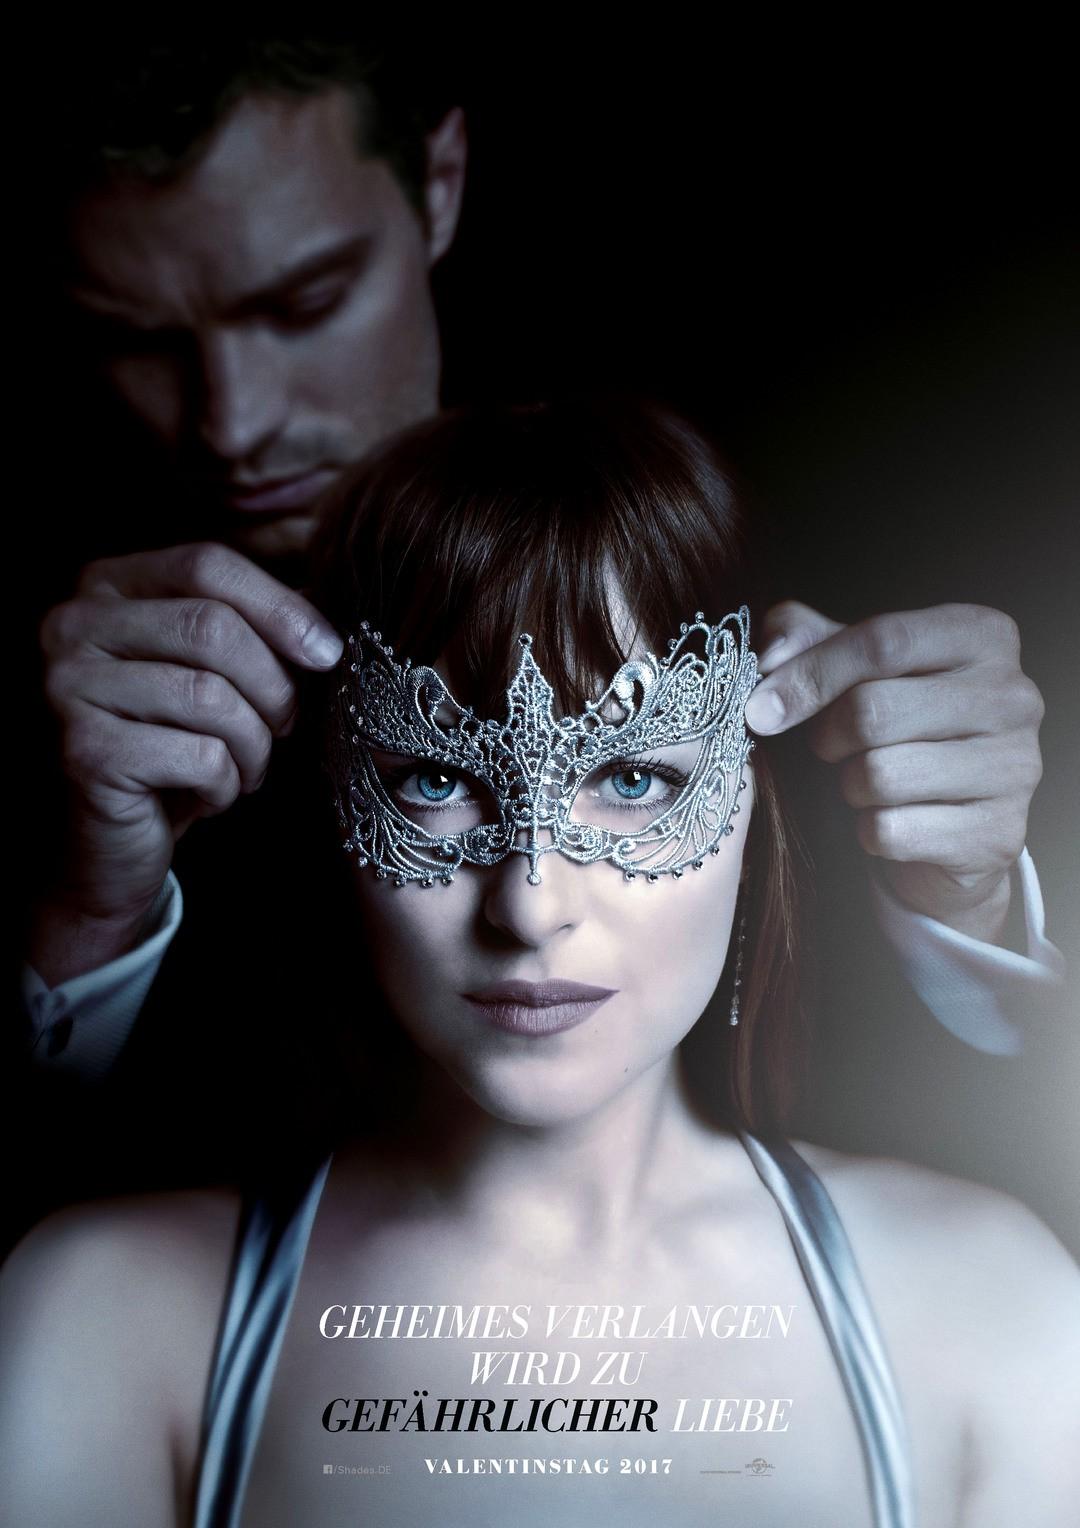 Fifty Shades 2: Neuer Trailer mit unartigen Szenen - Bild 4 von 5